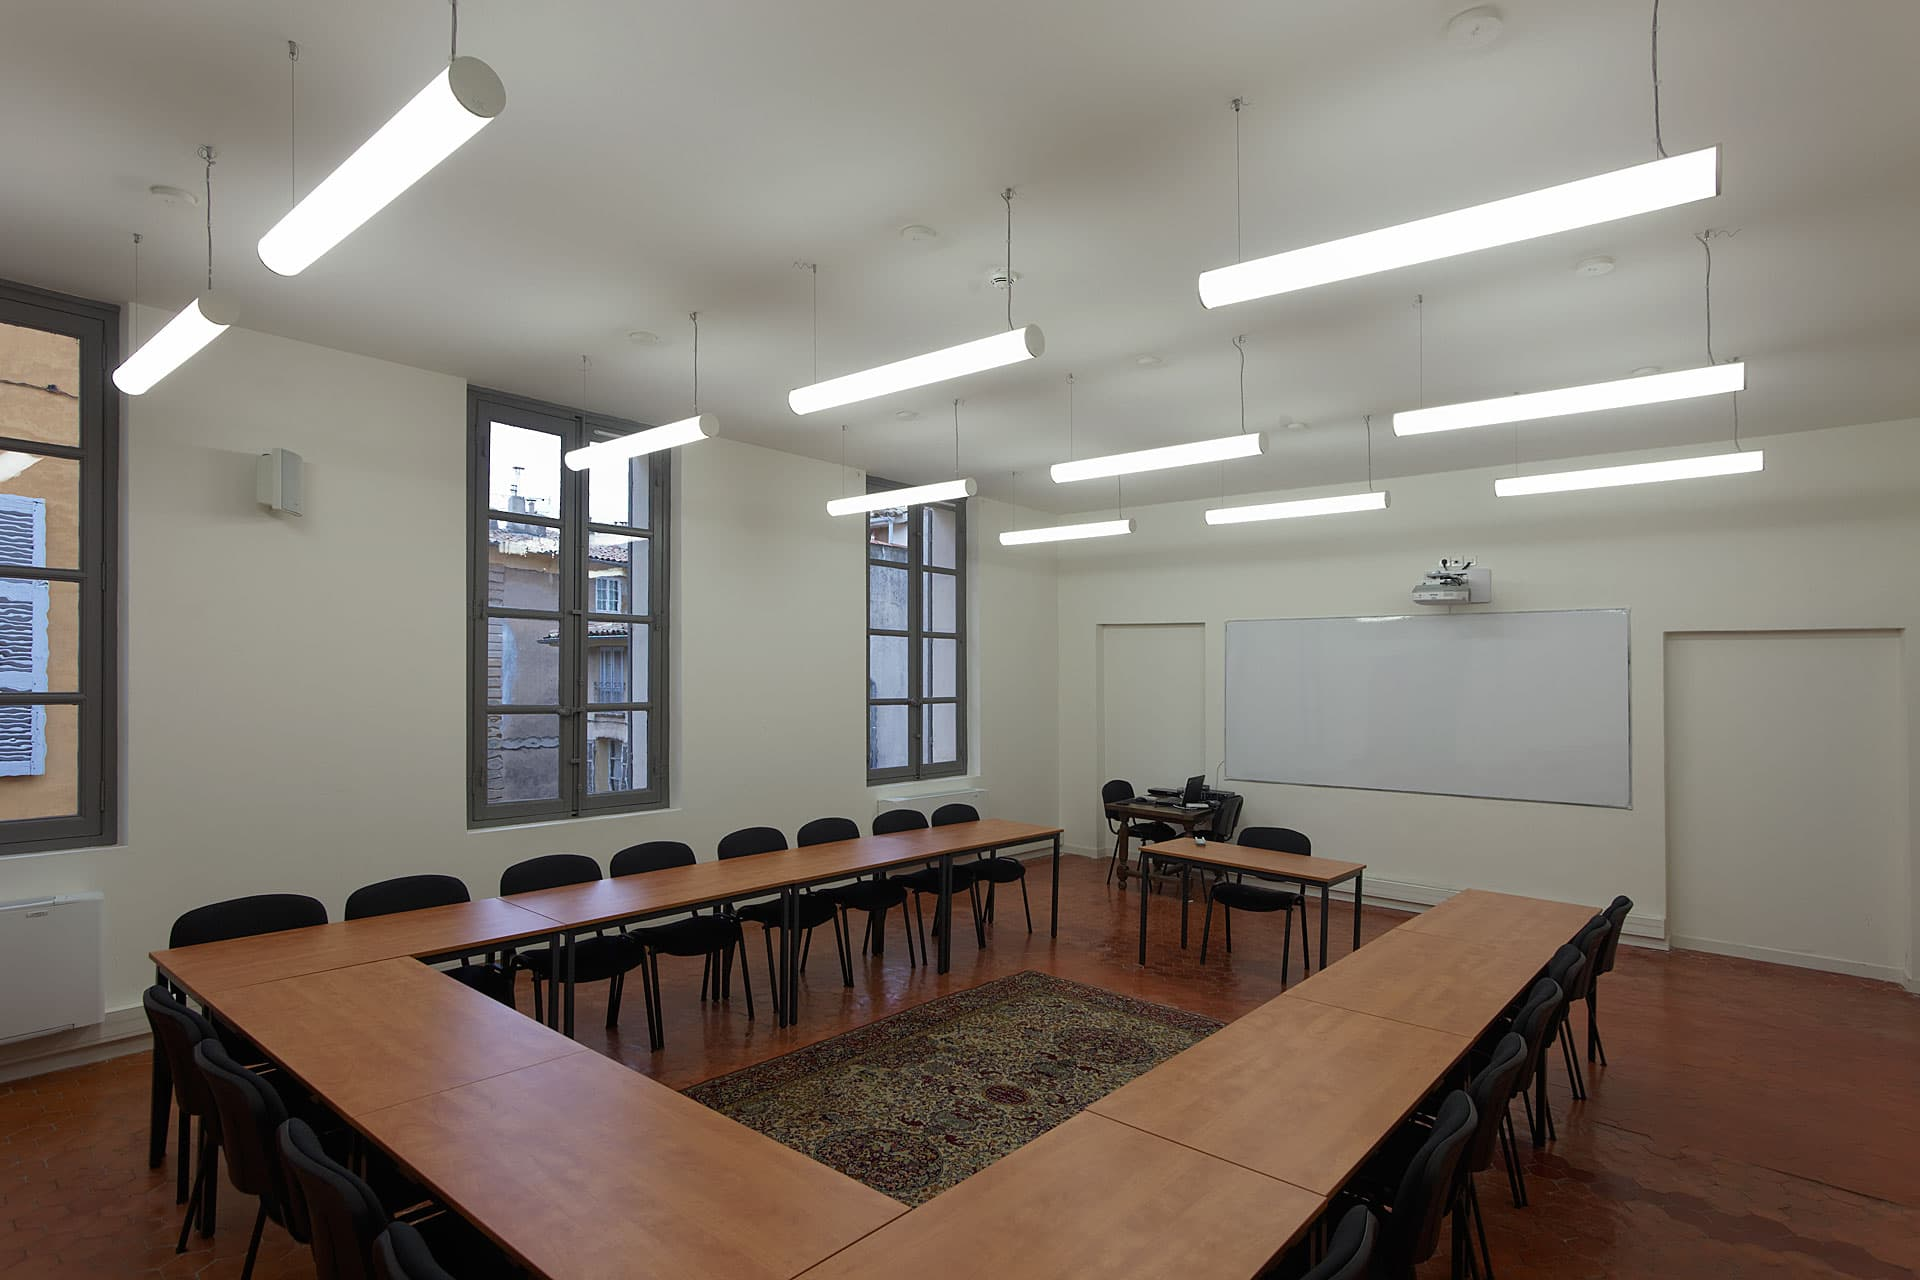 Eclairage d'une salle de classe de l'IAU d'Aix en Provence